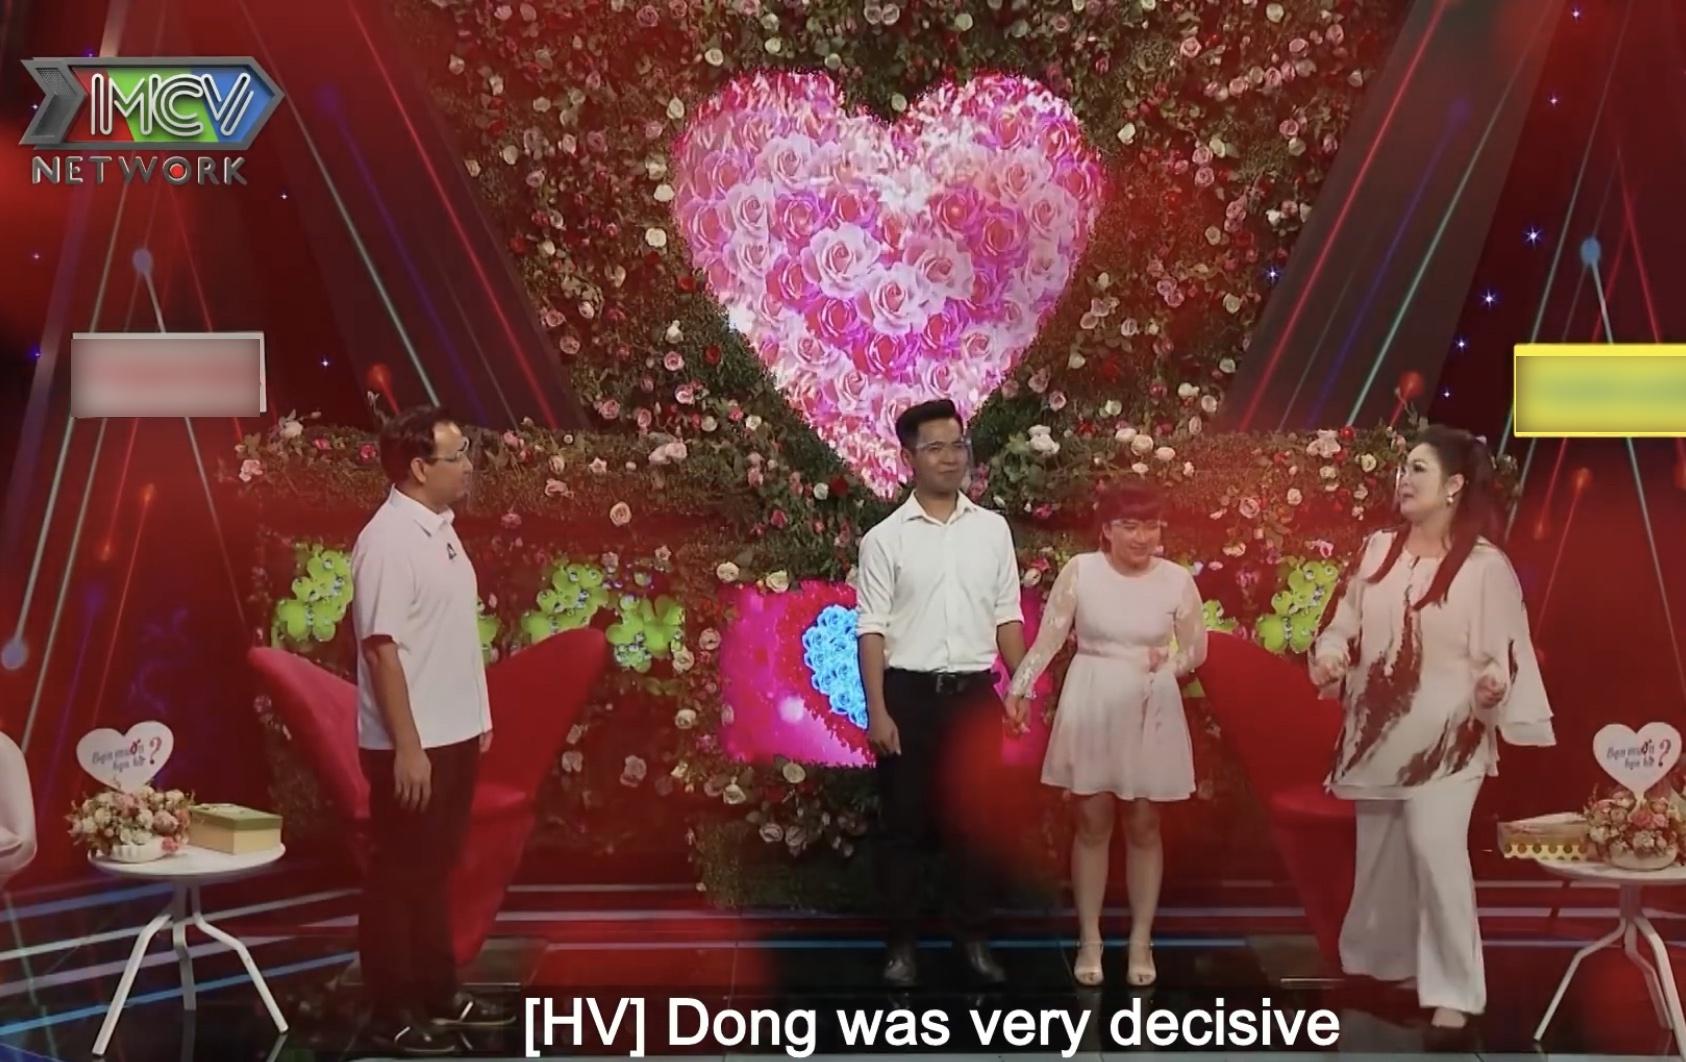 Quyền Linh 'choáng' trước chàng trai vừa gặp mặt đã đòi cưới ngay khi hết dịch - Ảnh 3.